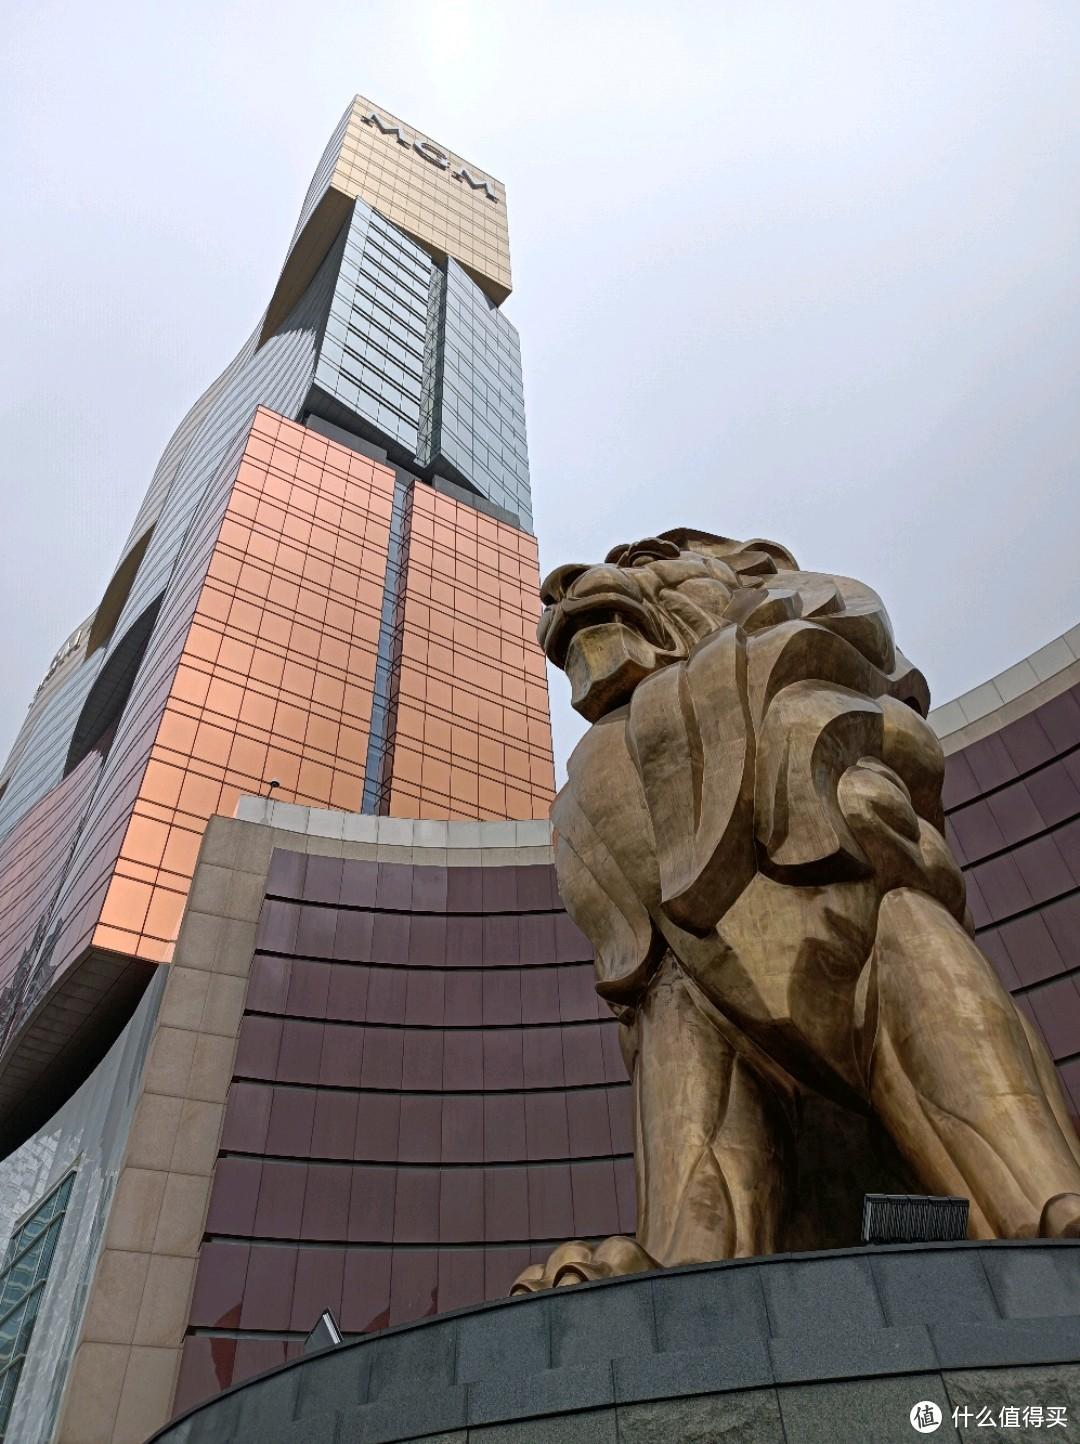 澳门美高梅,狮子为什么这么大?